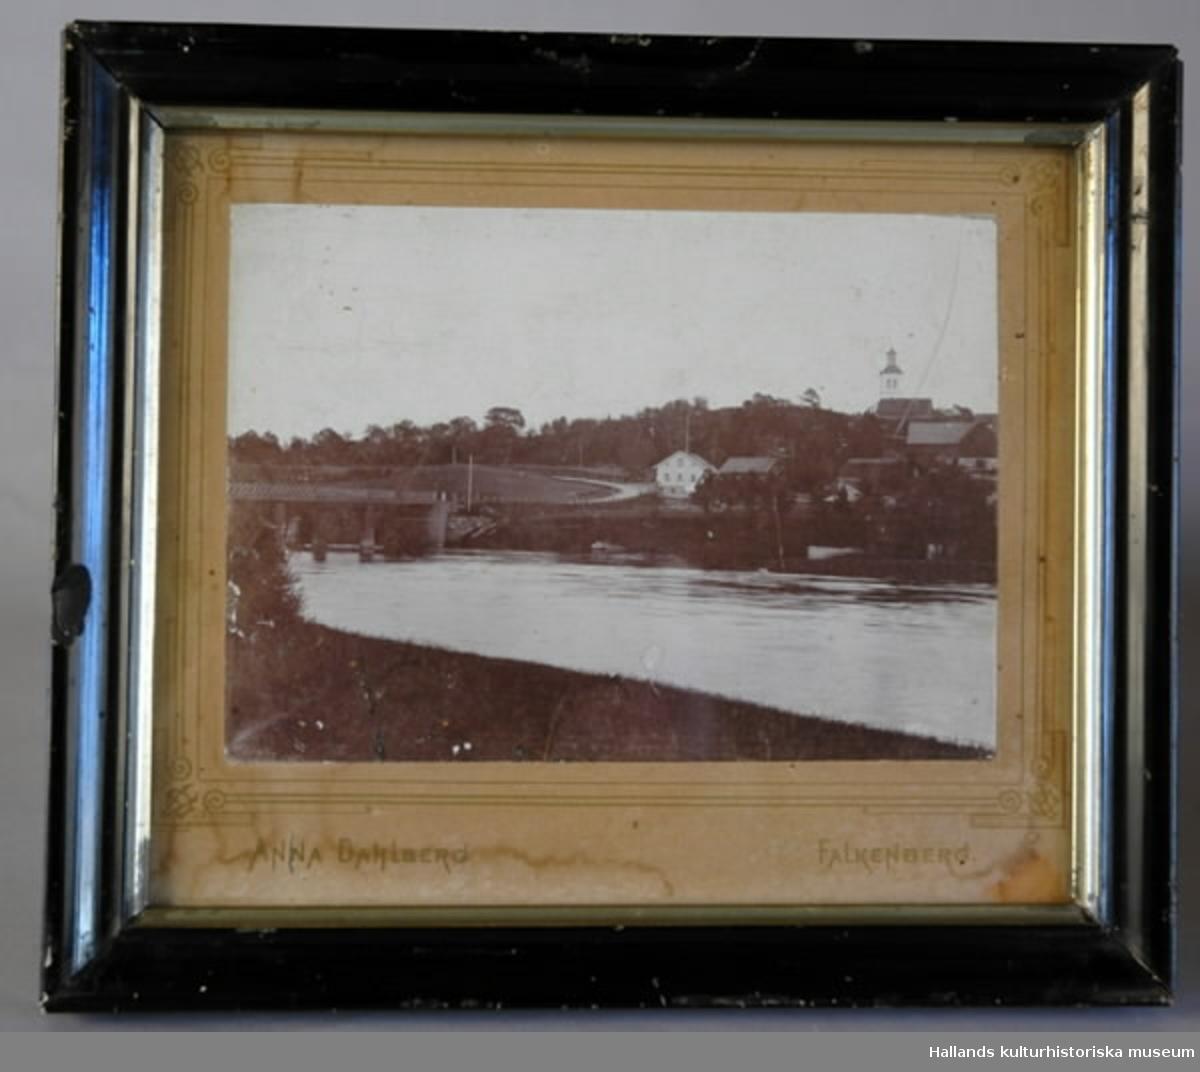 """Fotografi i ram. Motiv föreställande ån Ätran och Vessigebro gamla bro över ån. Några hus samt Vessige kyrka i bakgrunden. Ram av mörkt/svart trä. Passepartouten är märkt """"ANNA DAHLBERG, FALKENBERG"""". Ramens bredd 2 cm."""